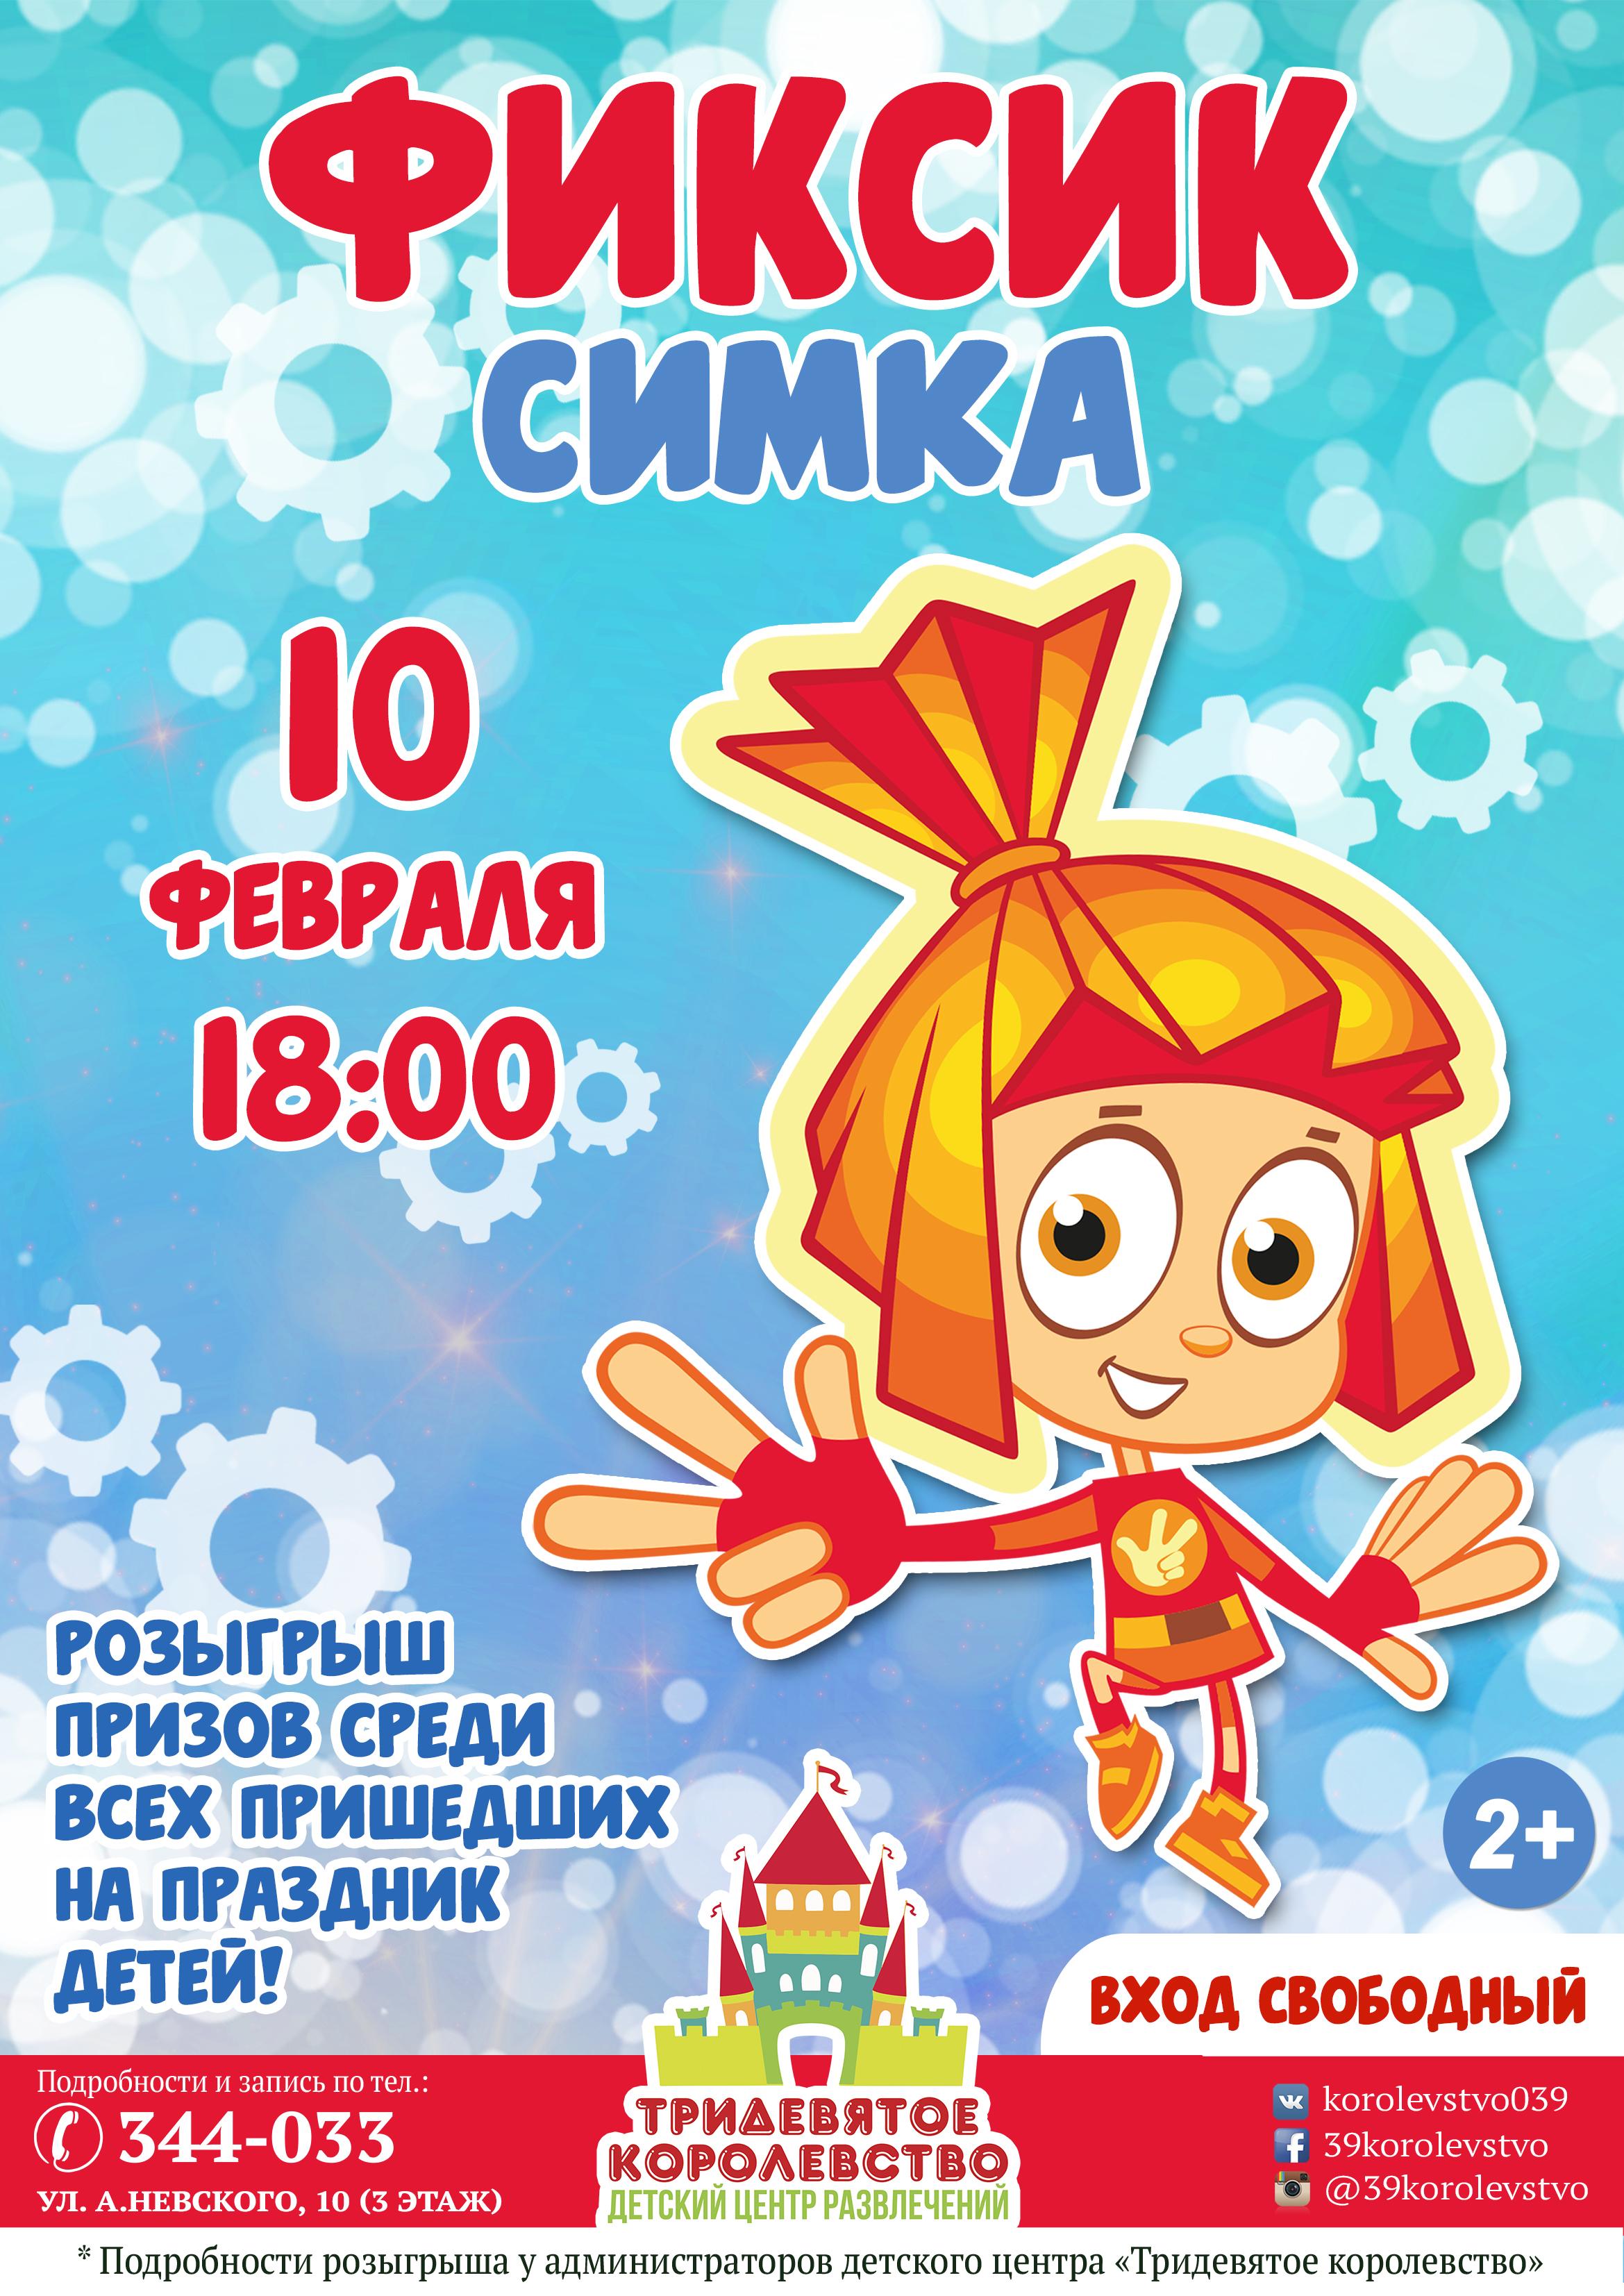 10 февраля Симка А1